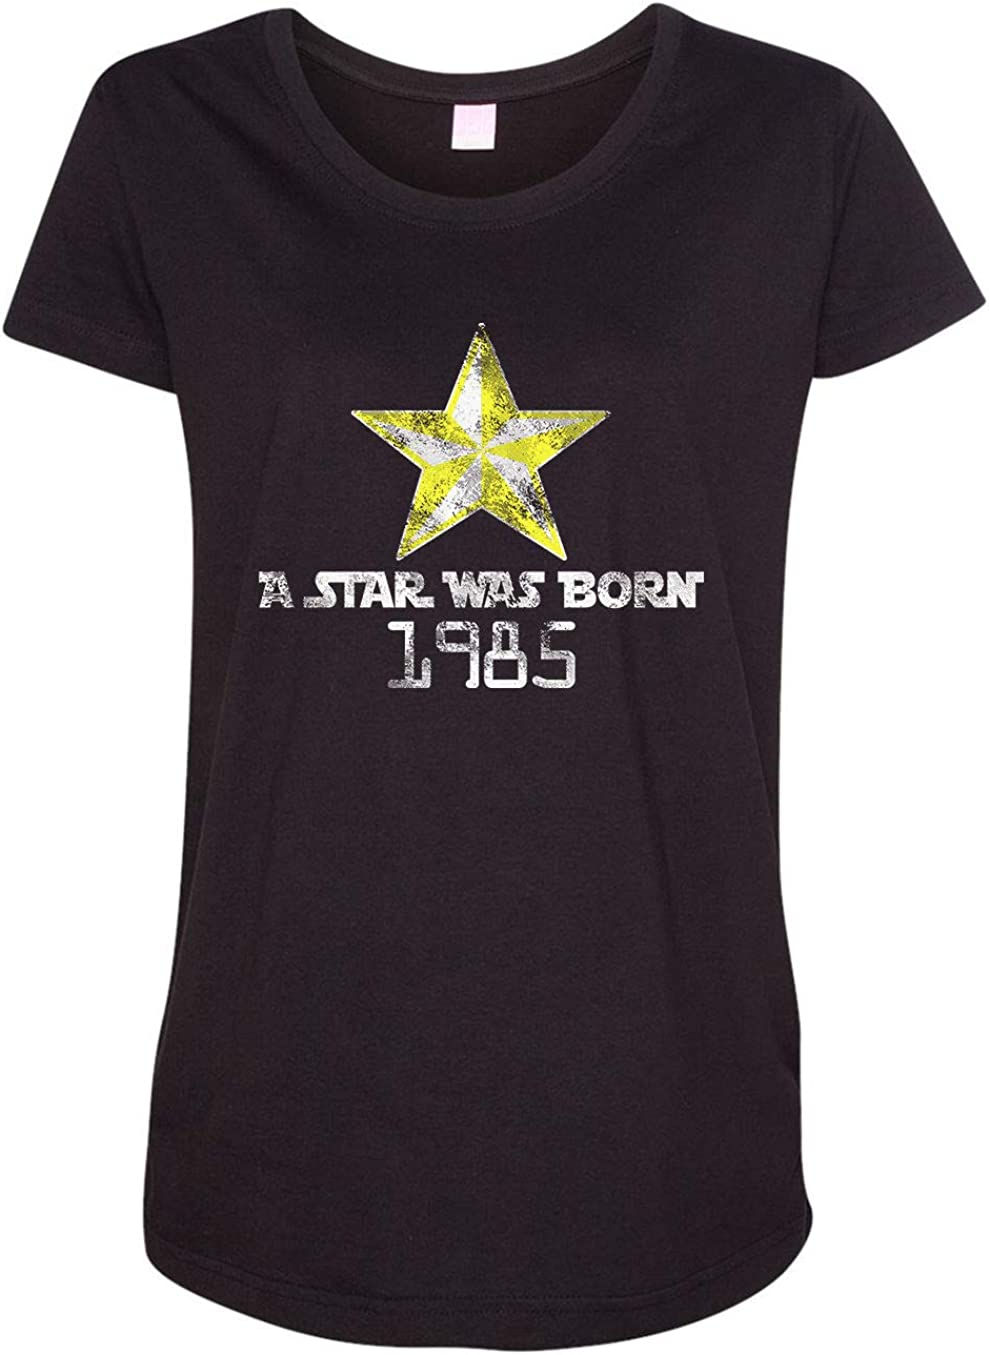 HARD EDGE DESIGN Women's A Star was Born 1985 T-Shirt